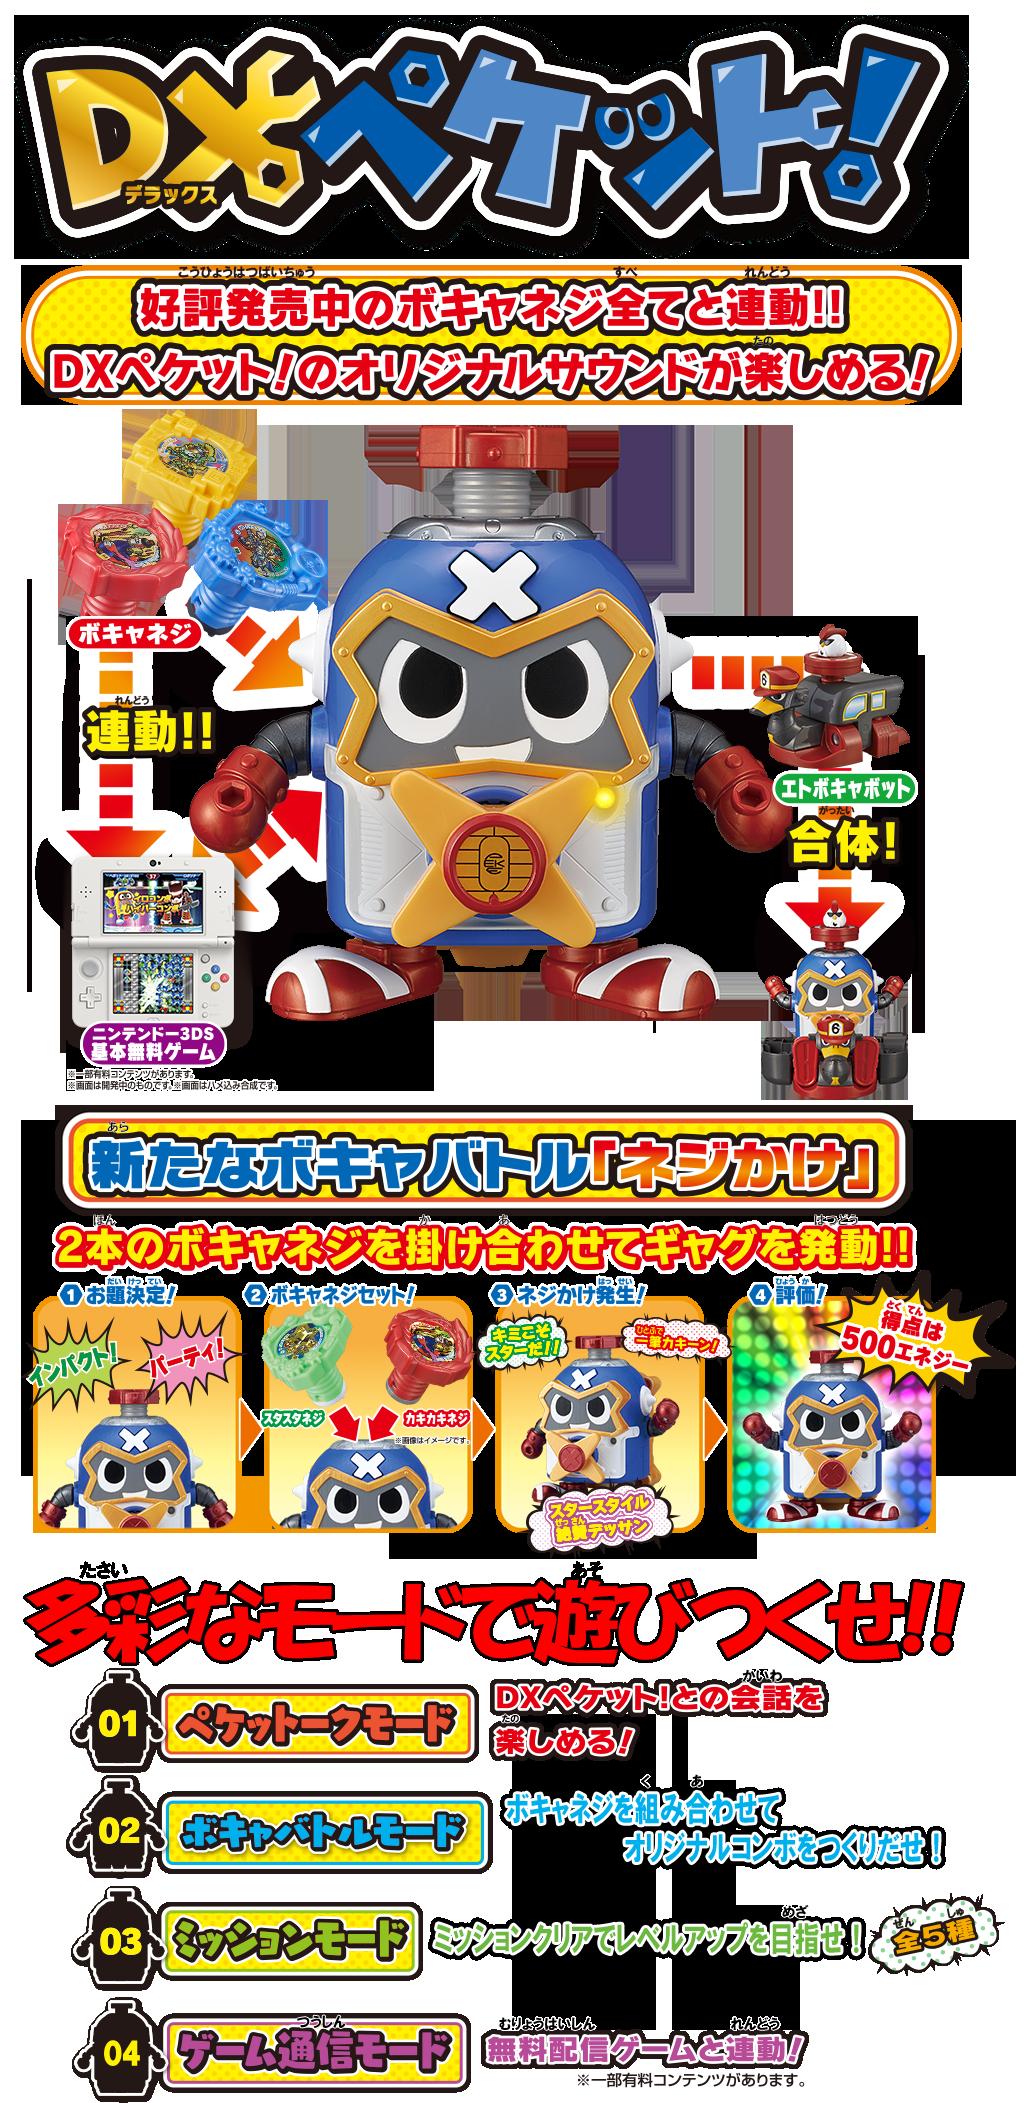 【ヘボット!】3月発売新商品 商品紹介①